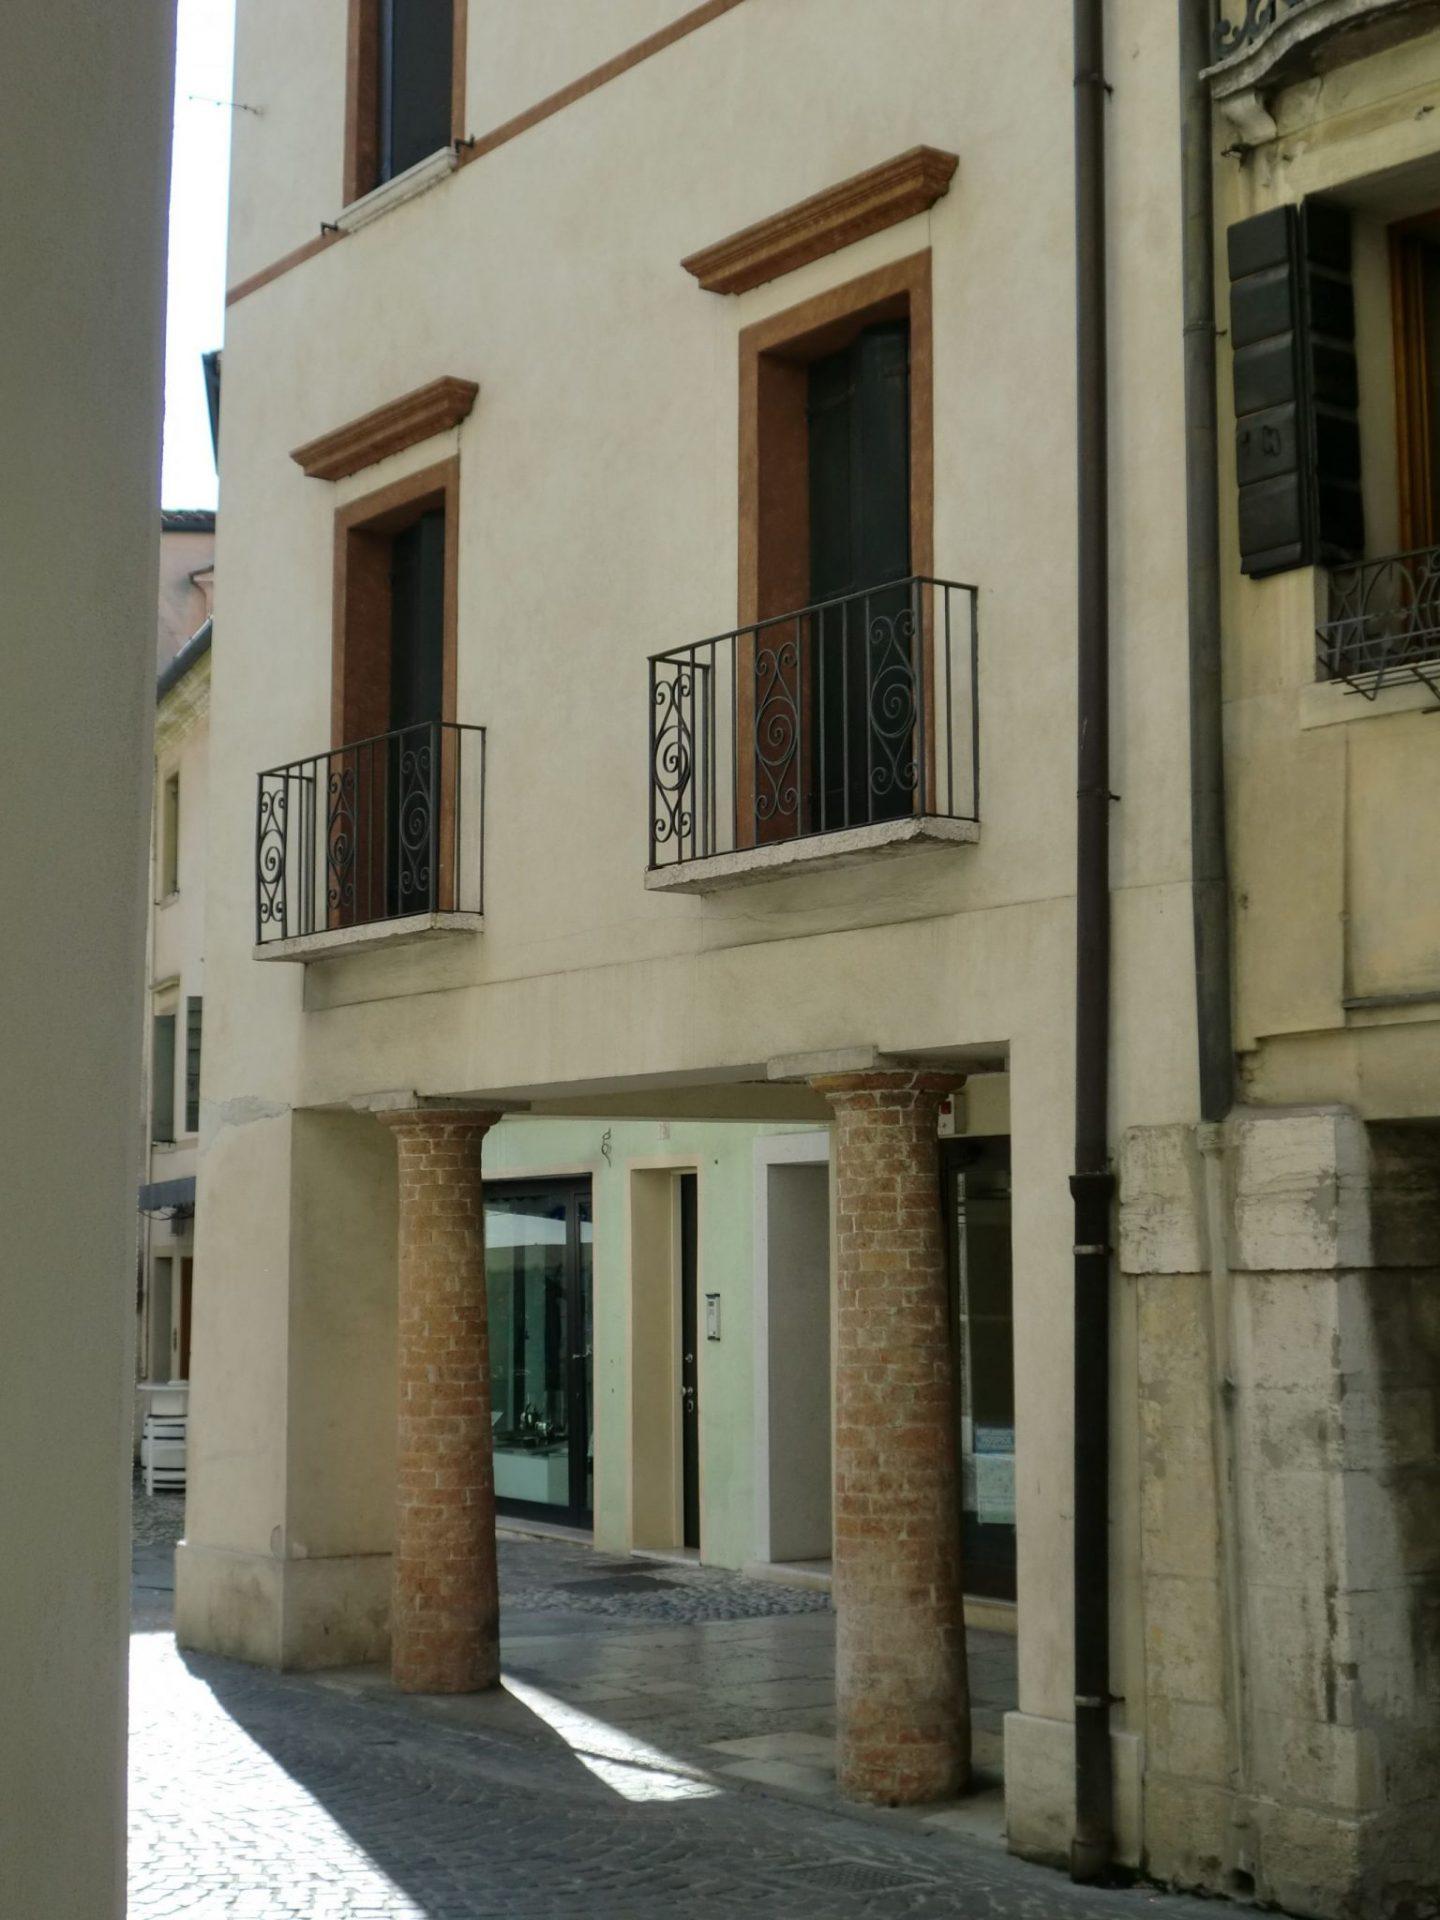 Treviso centro 2 1440x1920 - Treviso: Italian beauty